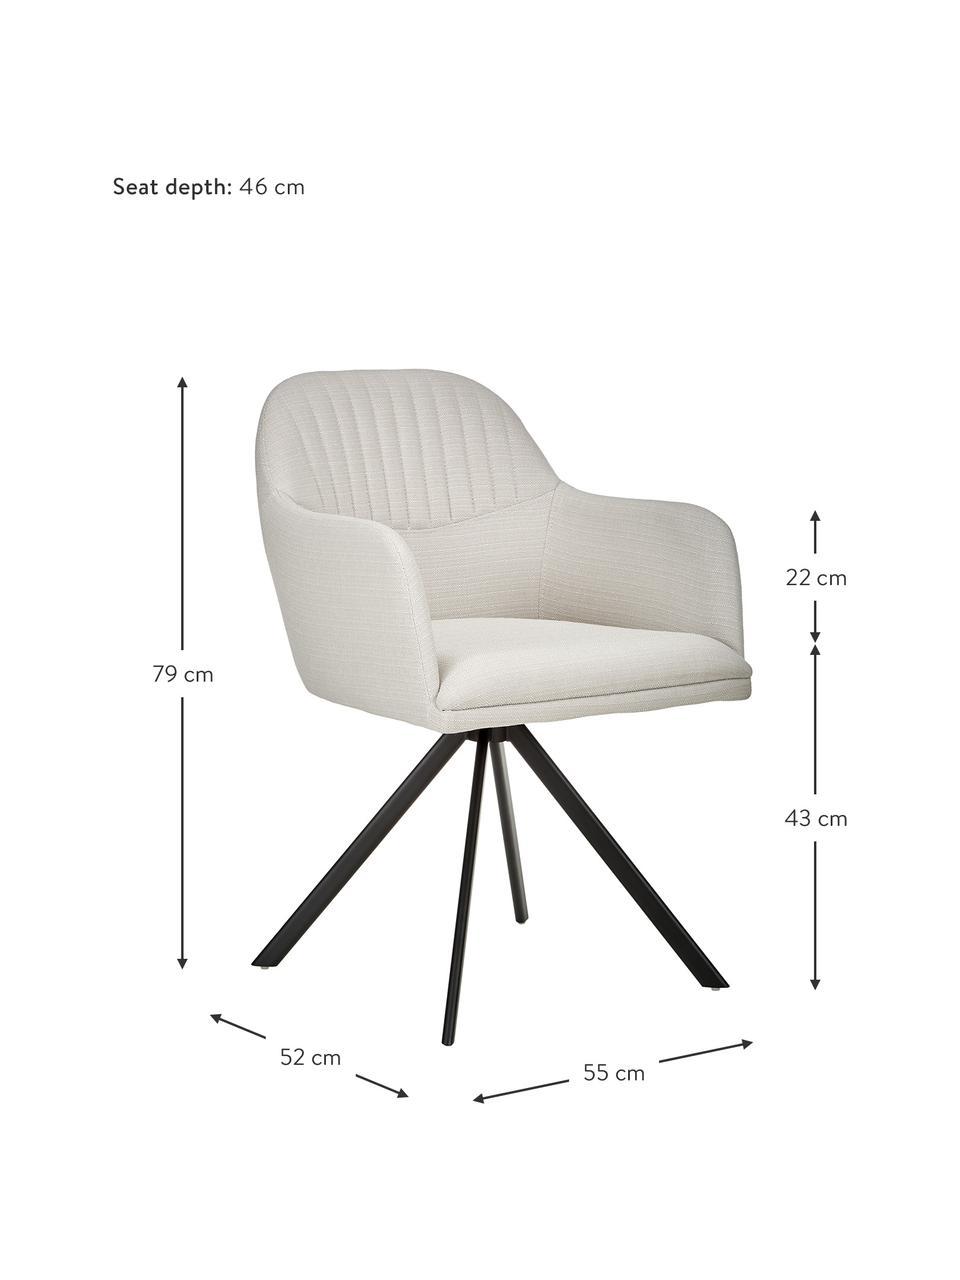 Čalouněná otočná židle spodručkami Lola, Krémově bílá